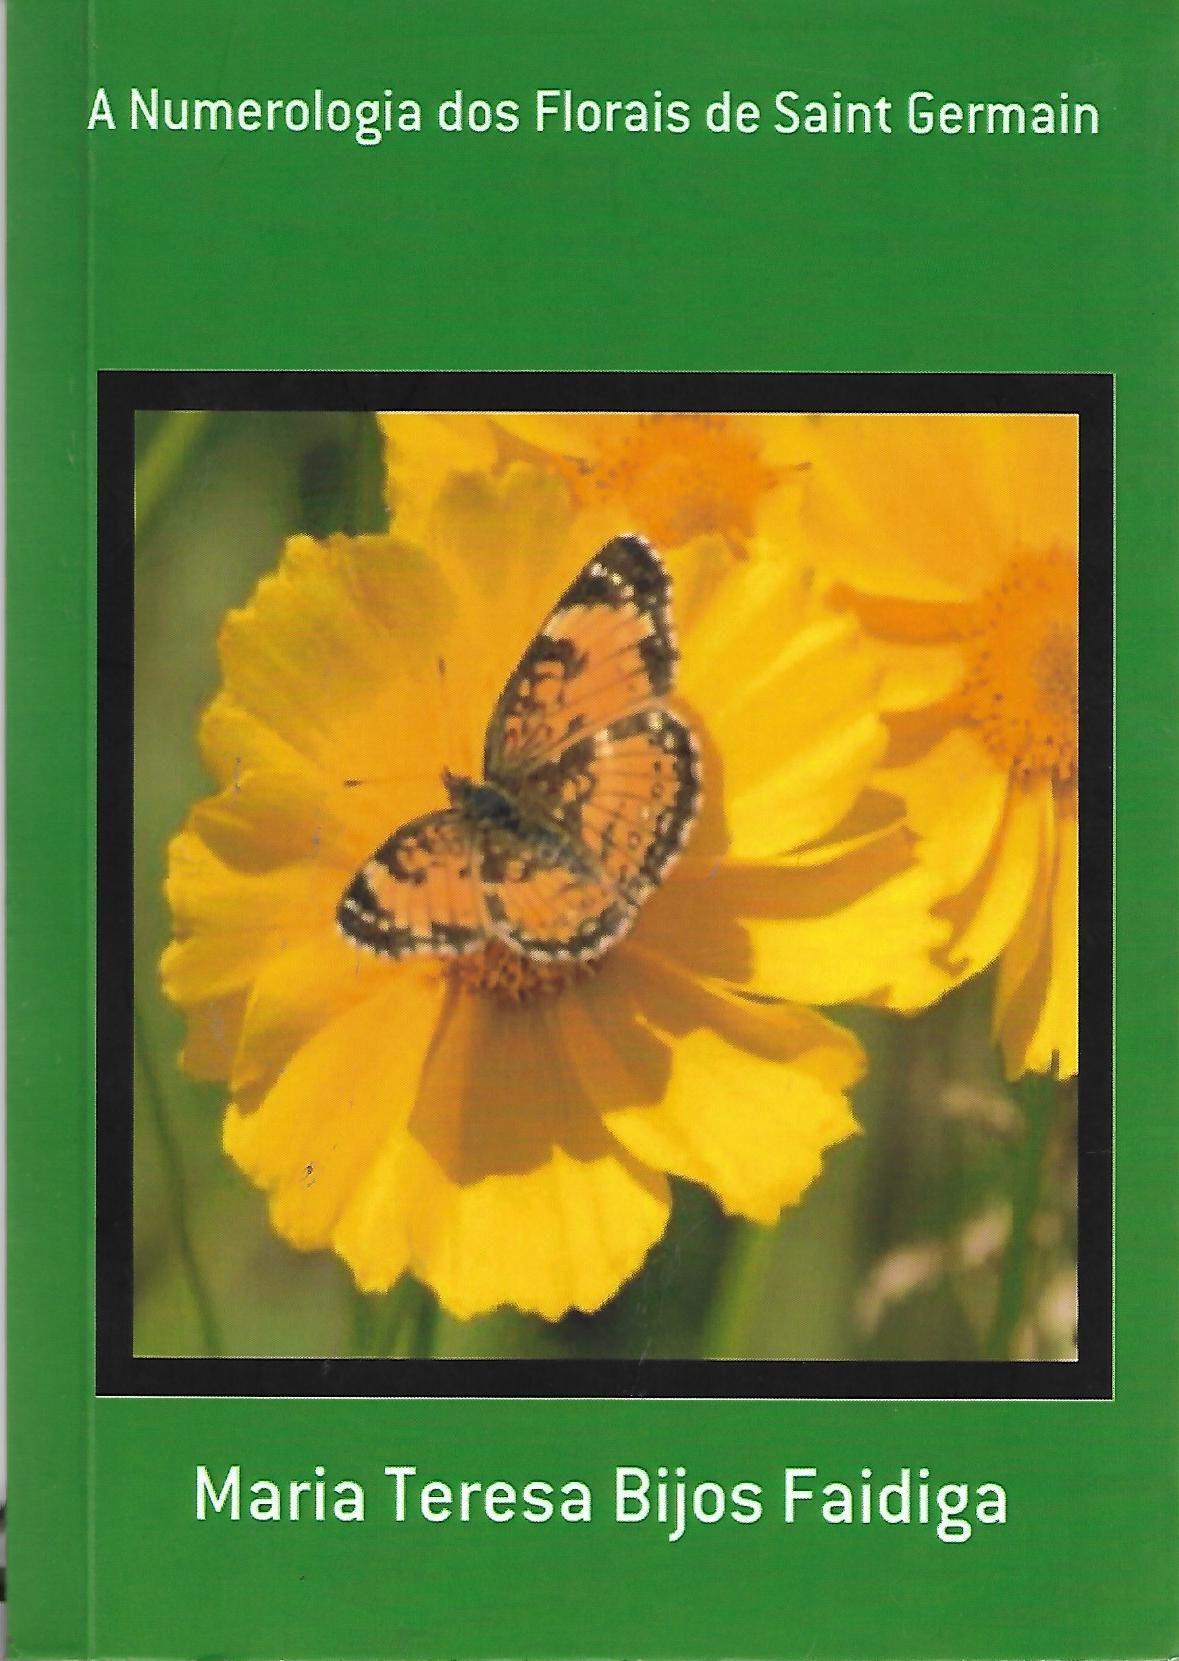 Livro A Numerologia dos Florais de Saint Germain - Maria Teresa Bijos Faidiga  - Floressência